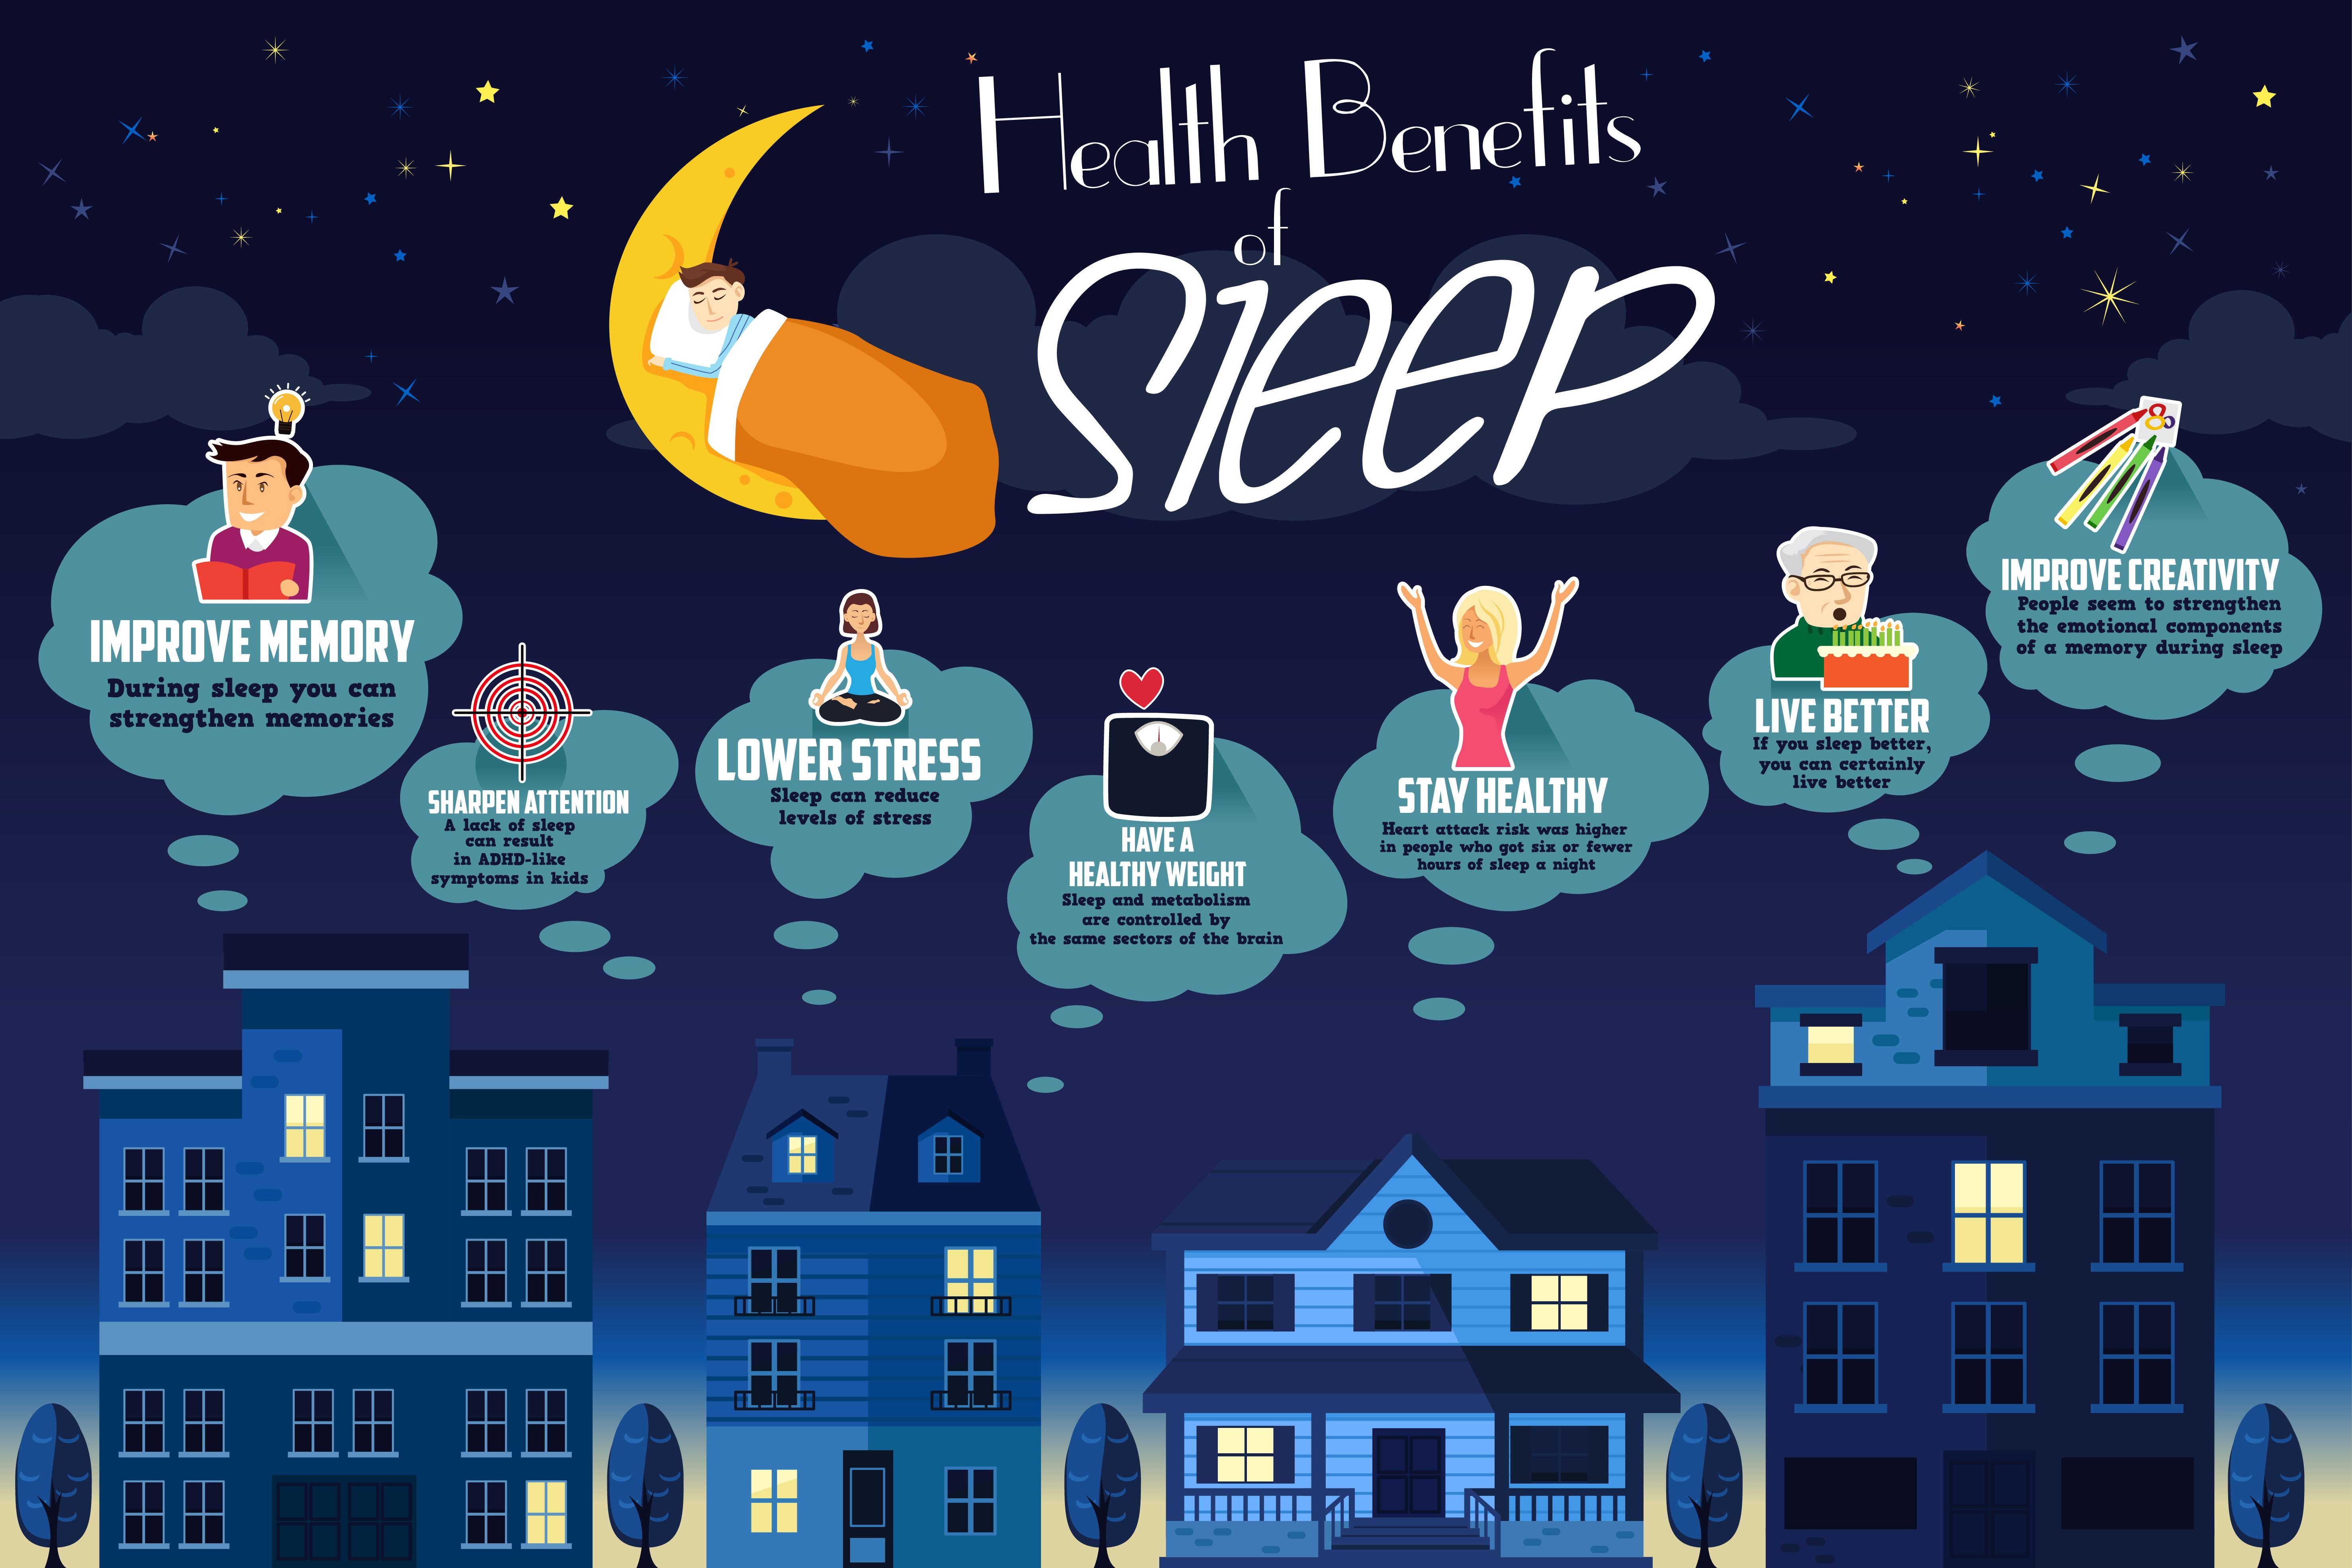 τι-κερδίζεις-όταν-κοιμάσαι